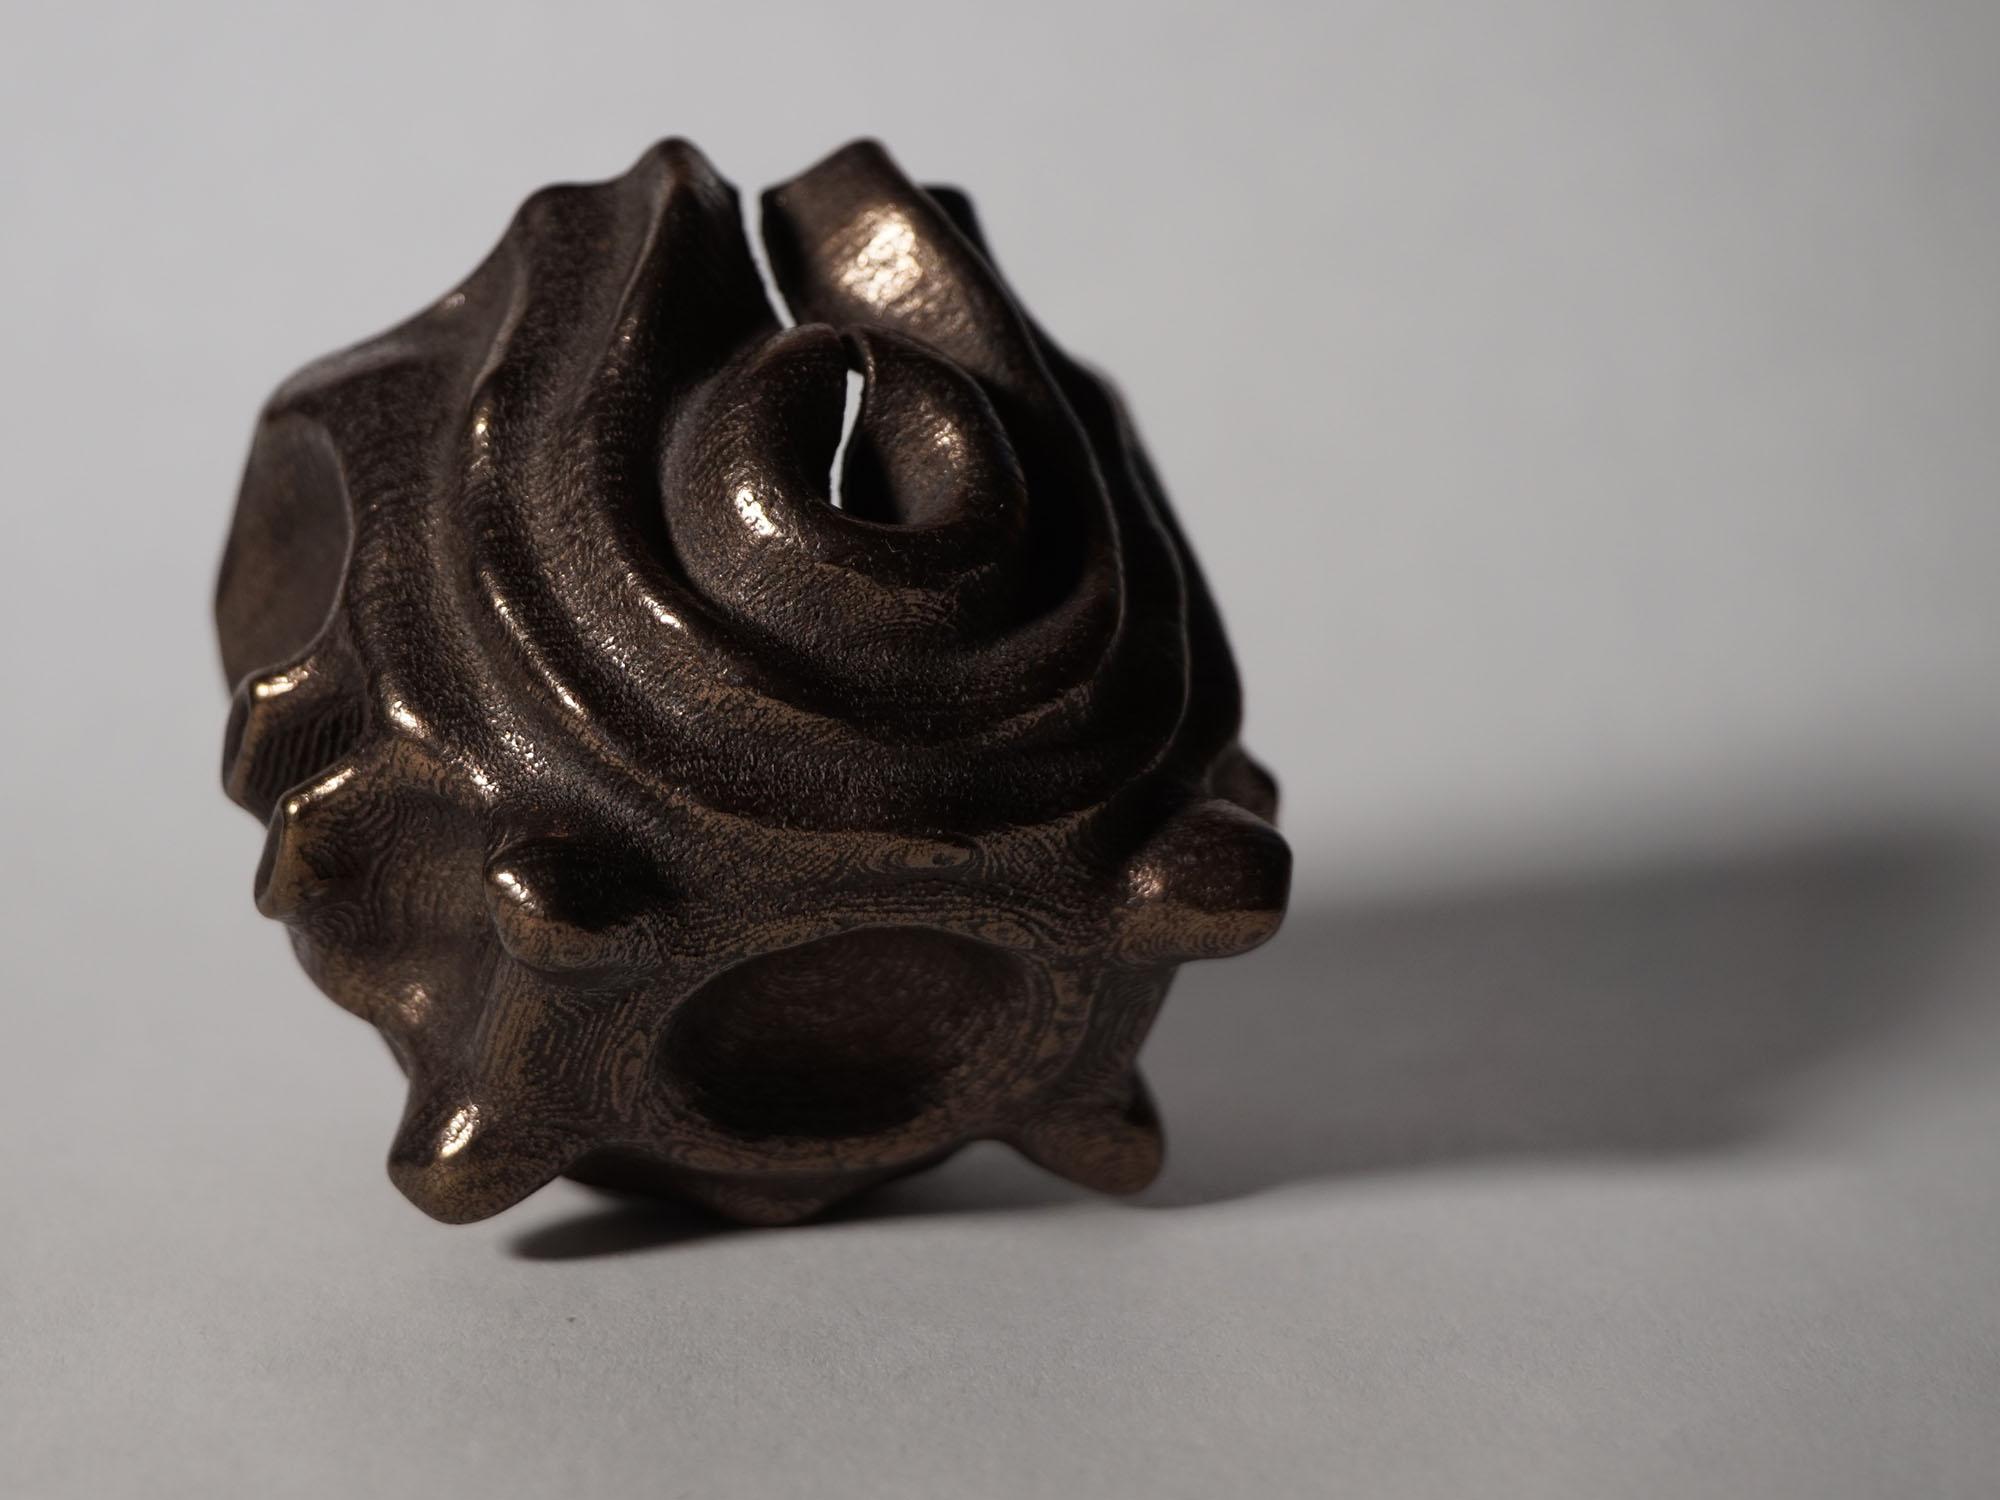 vase-4.jpg